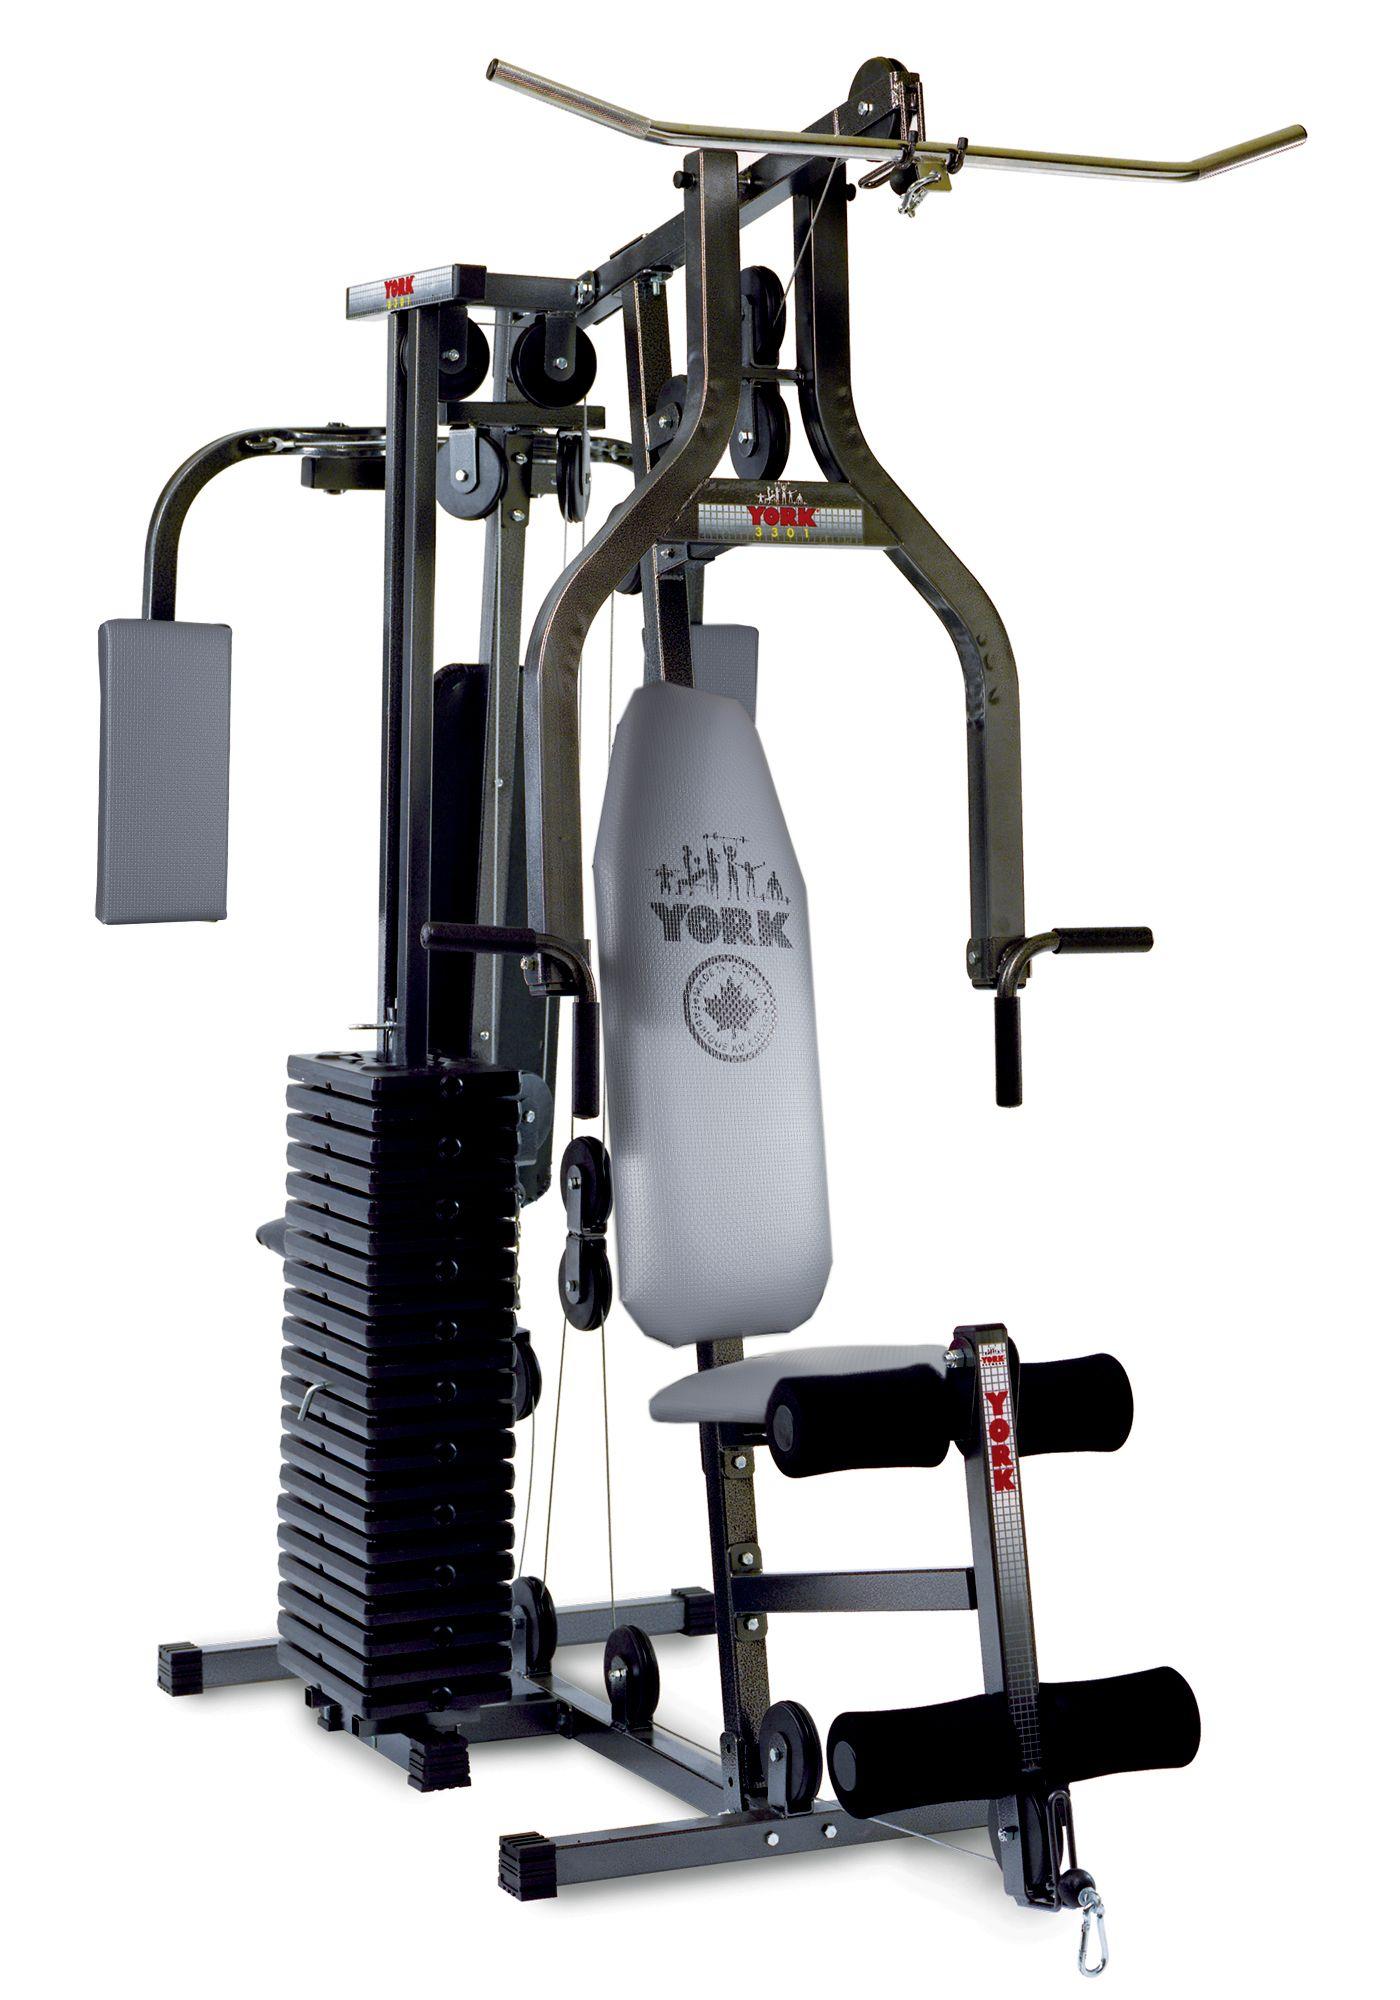 York 7240 Multi Gym Home Gym Equipment Machines York Barbell No Equipment Workout Multi Gym Home Multi Gym